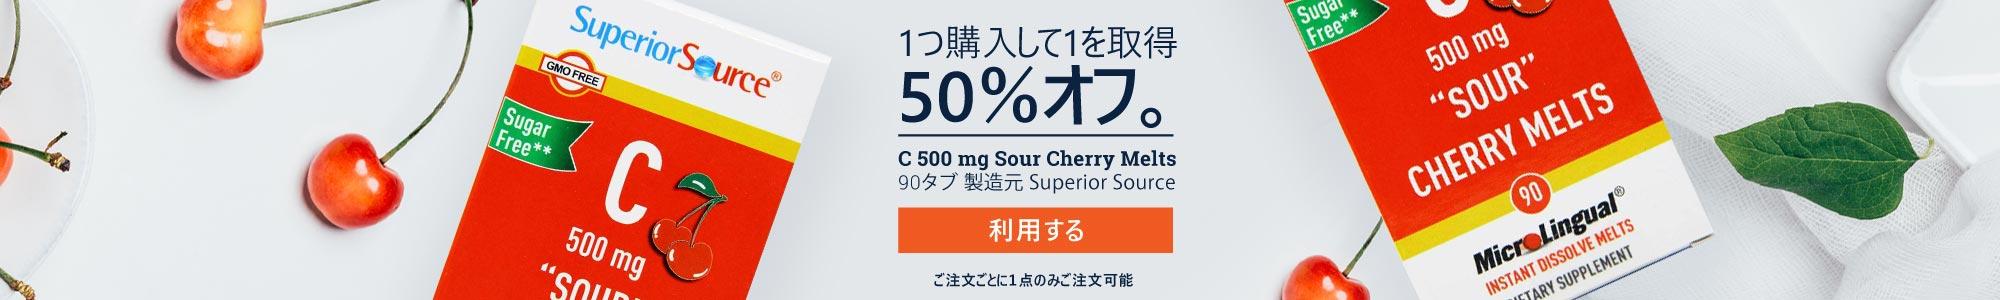 1つ購入して1を取得 50%オフ。 C 500 mg Sour Cherry Melts 90タブ 製造元 Superior Source. 利用する ご注文ごとに1点のみご注文可能